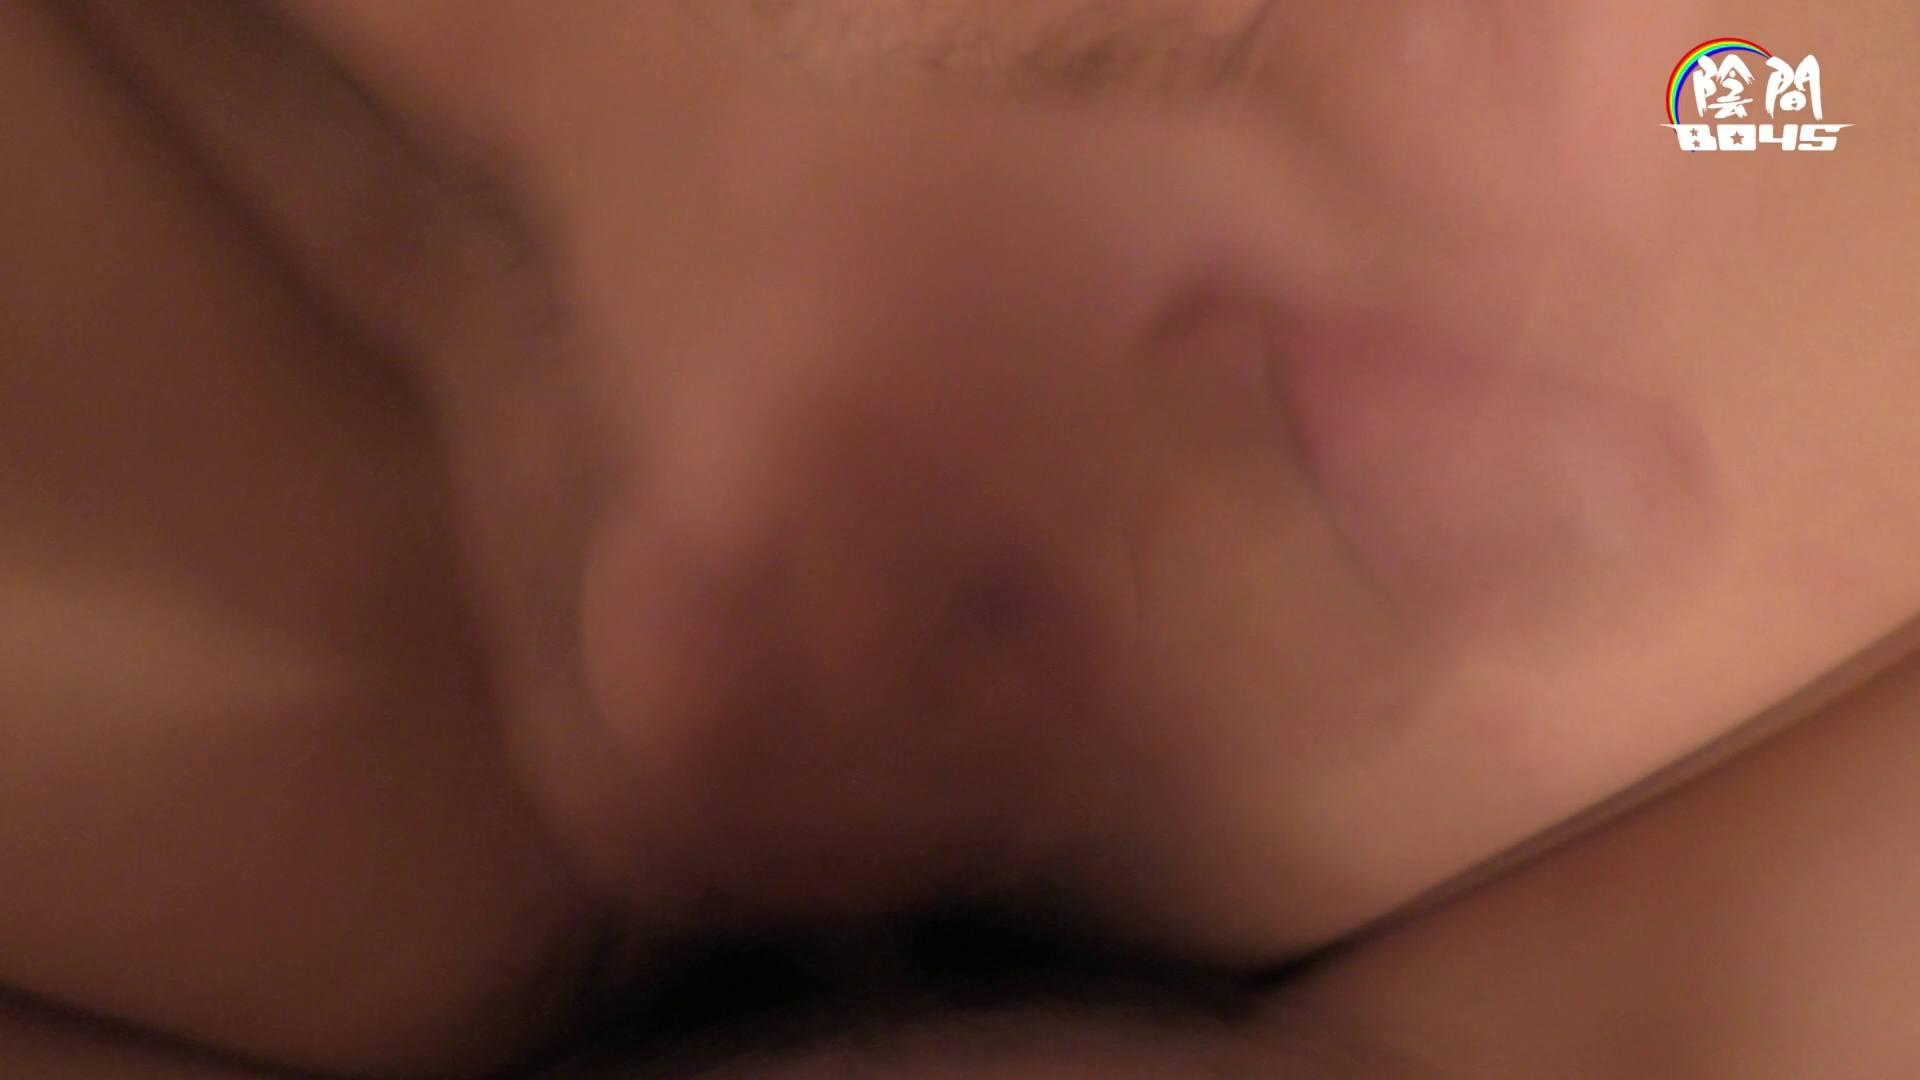 「君のアナルは」part2 ~ノンケの素顔~ Vol.08 肉 | ノンケ君達の・・  89枚 88